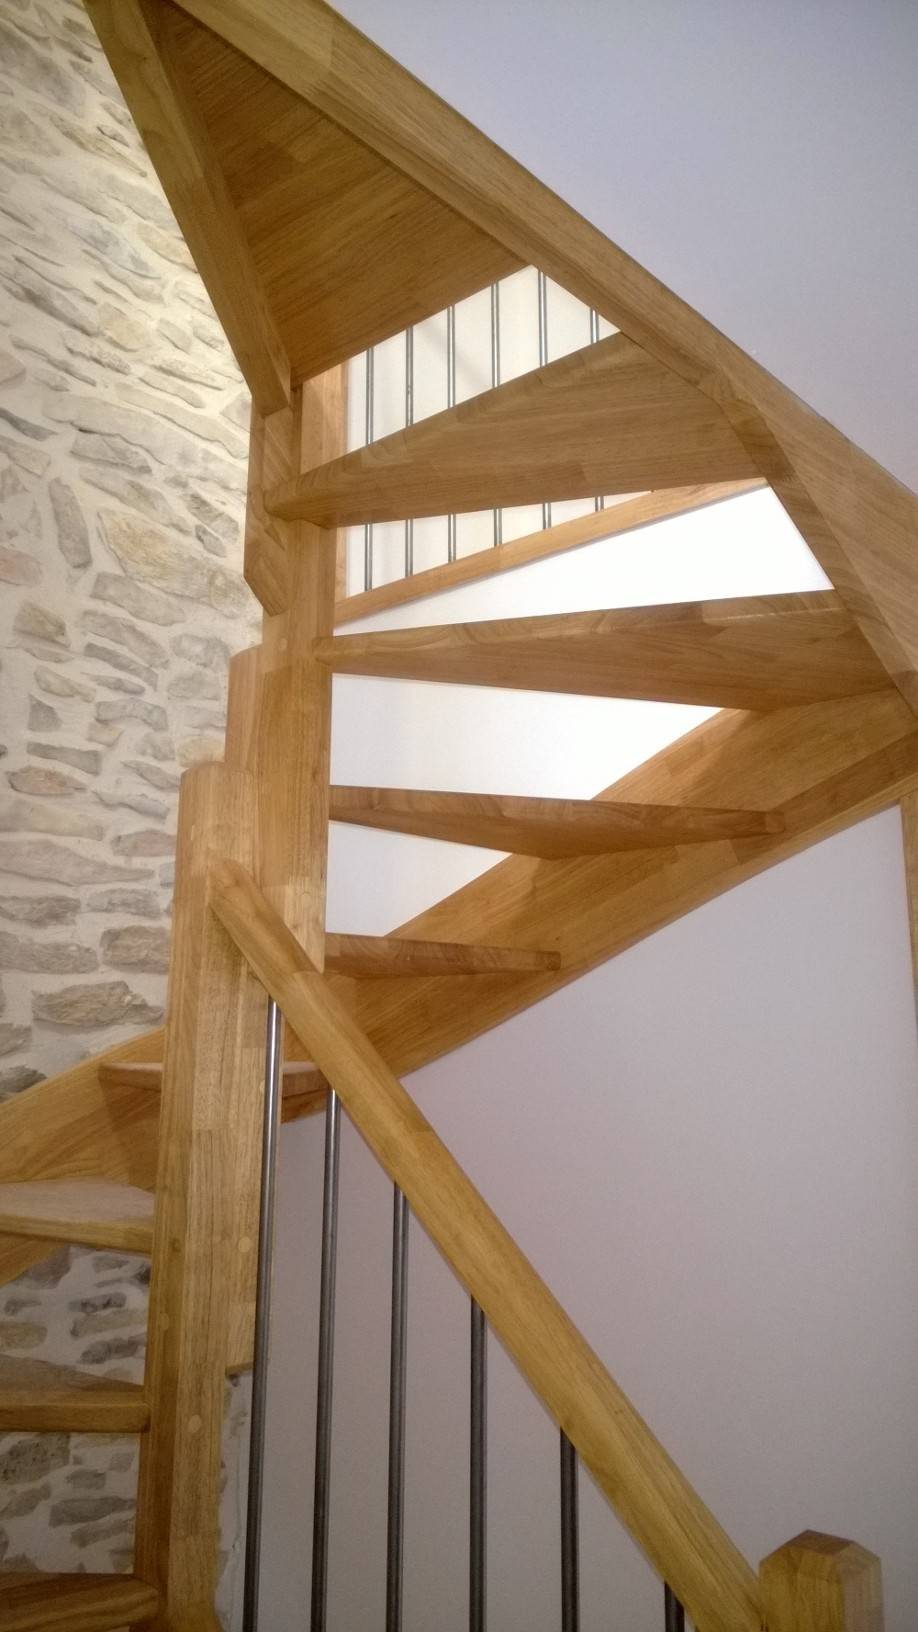 escalier bois 3 4 tournant b ziers 34 atelier des escaliers aubaret. Black Bedroom Furniture Sets. Home Design Ideas